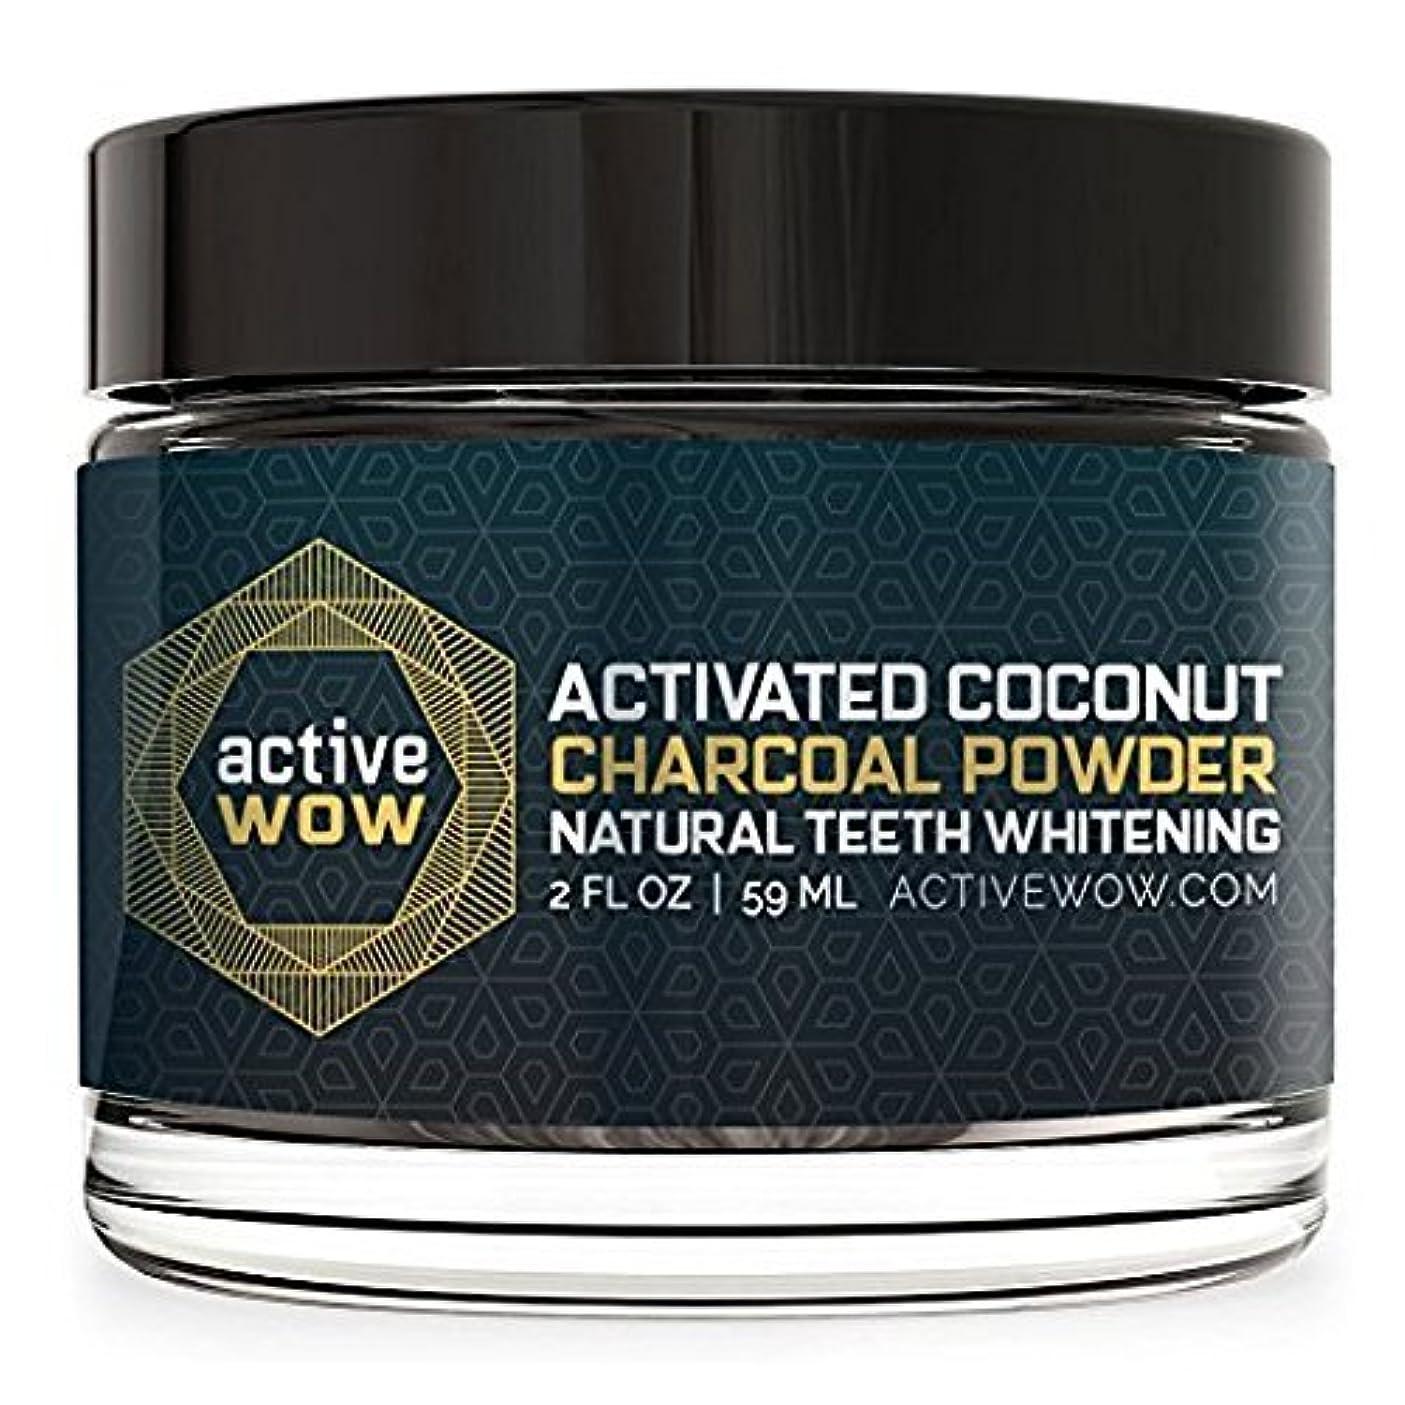 シャックル途方もない採用するアメリカで売れている 炭パウダー歯のホワイトニング Teeth Whitening Charcoal Powder Natural [並行輸入品]